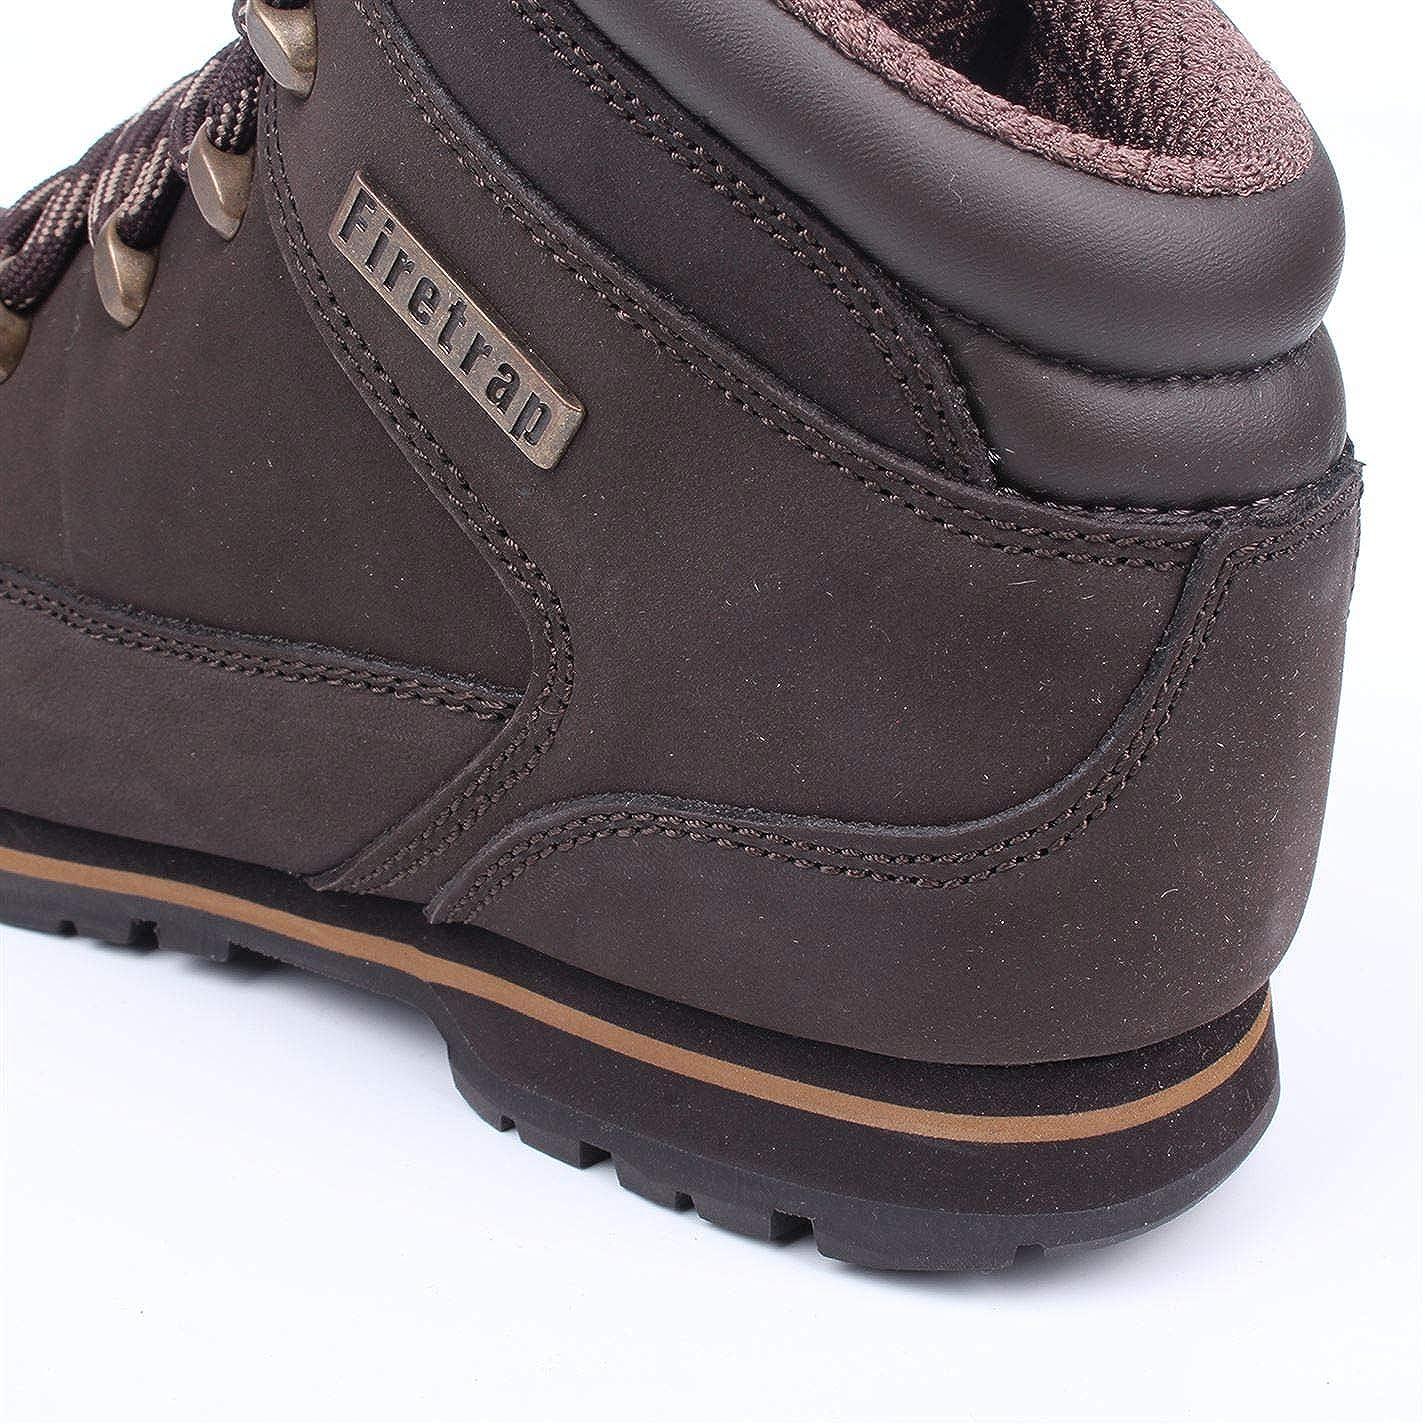 Firetrap Rhino Boots Brown UK 9 EU 43